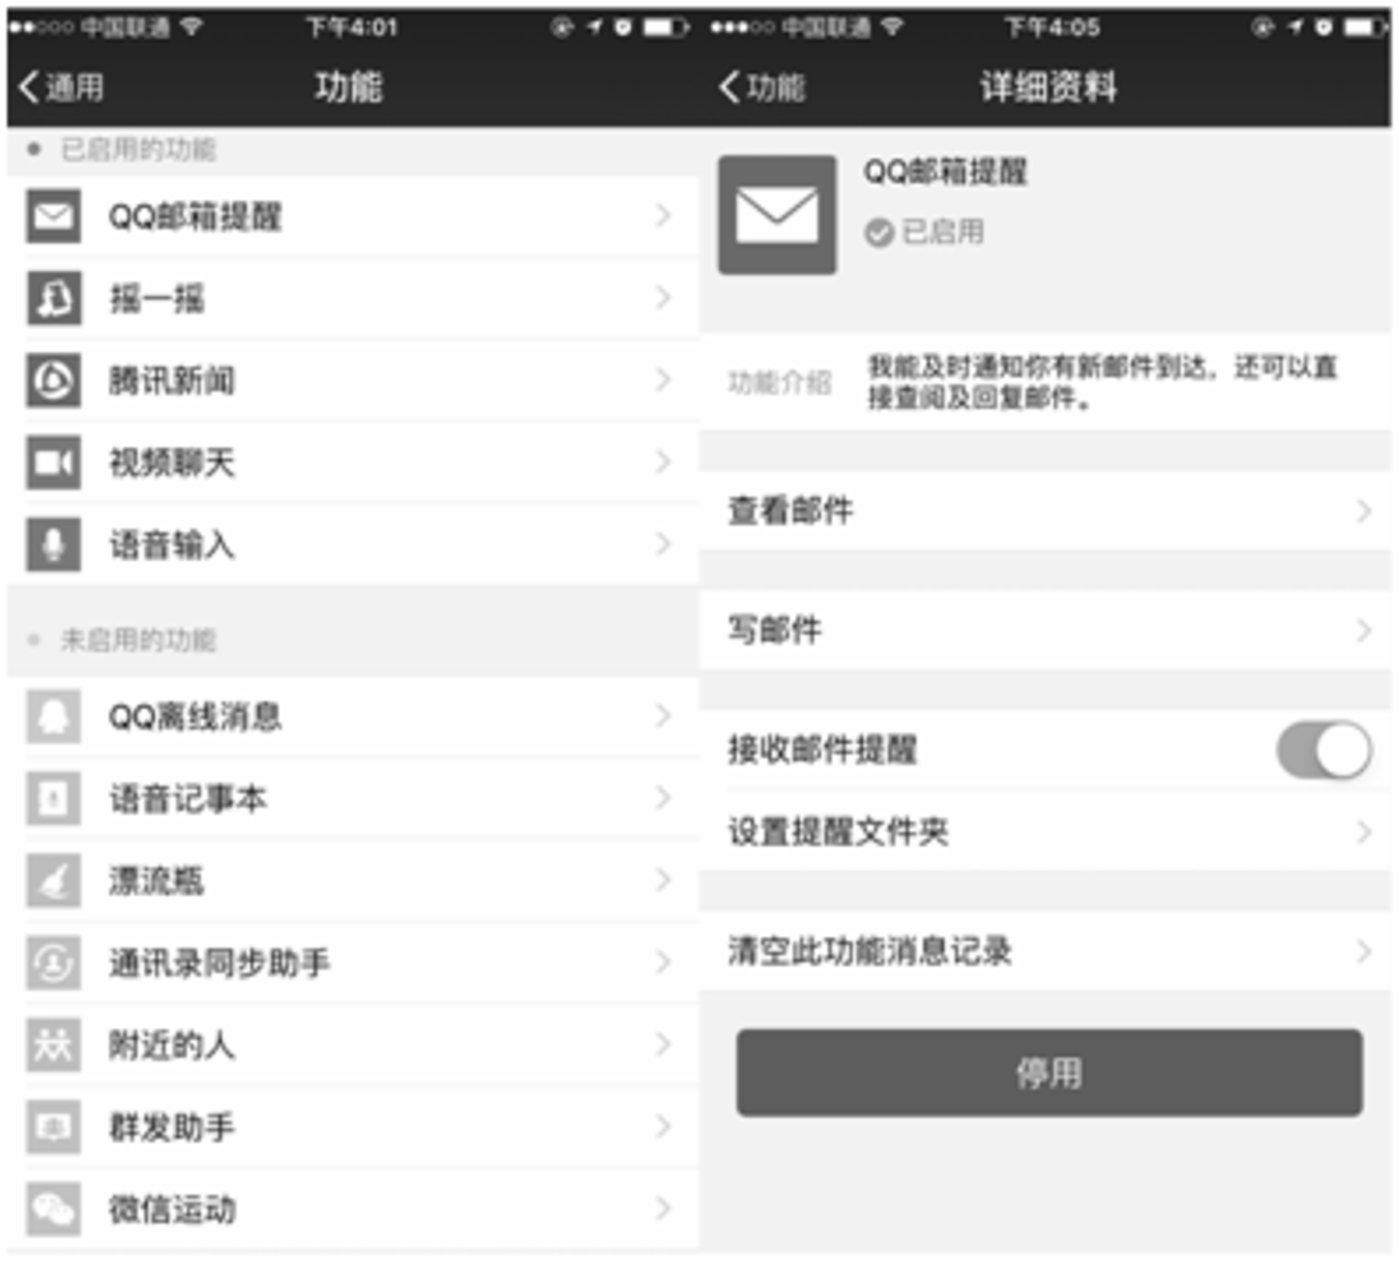 微信插件功能页面图